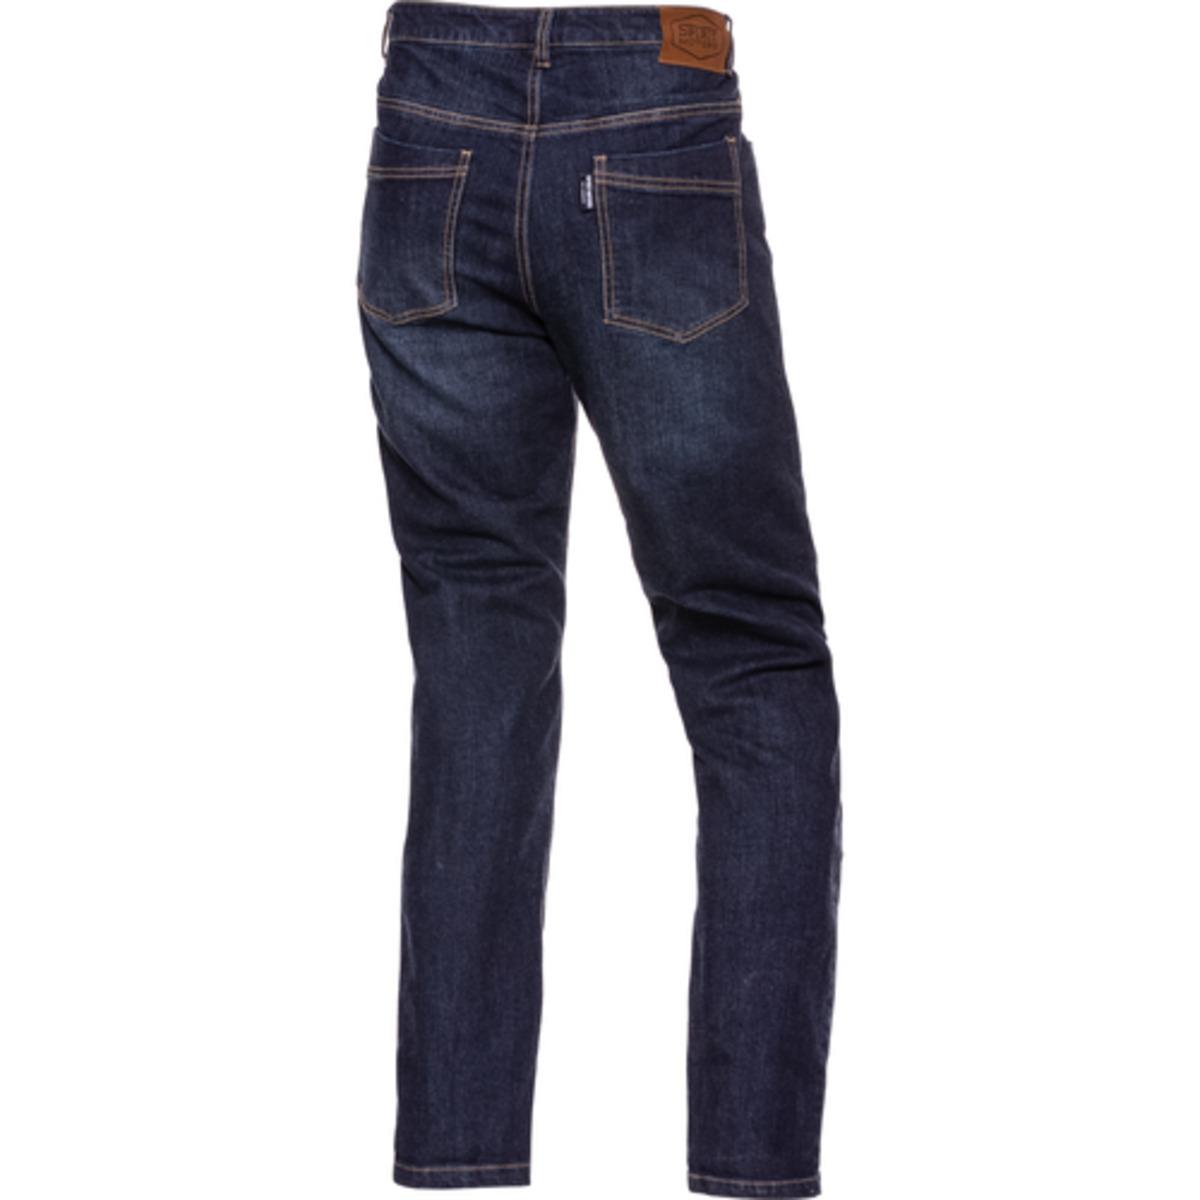 Bild 2 von Cordura Denim Jeans mit Aramid 2.0